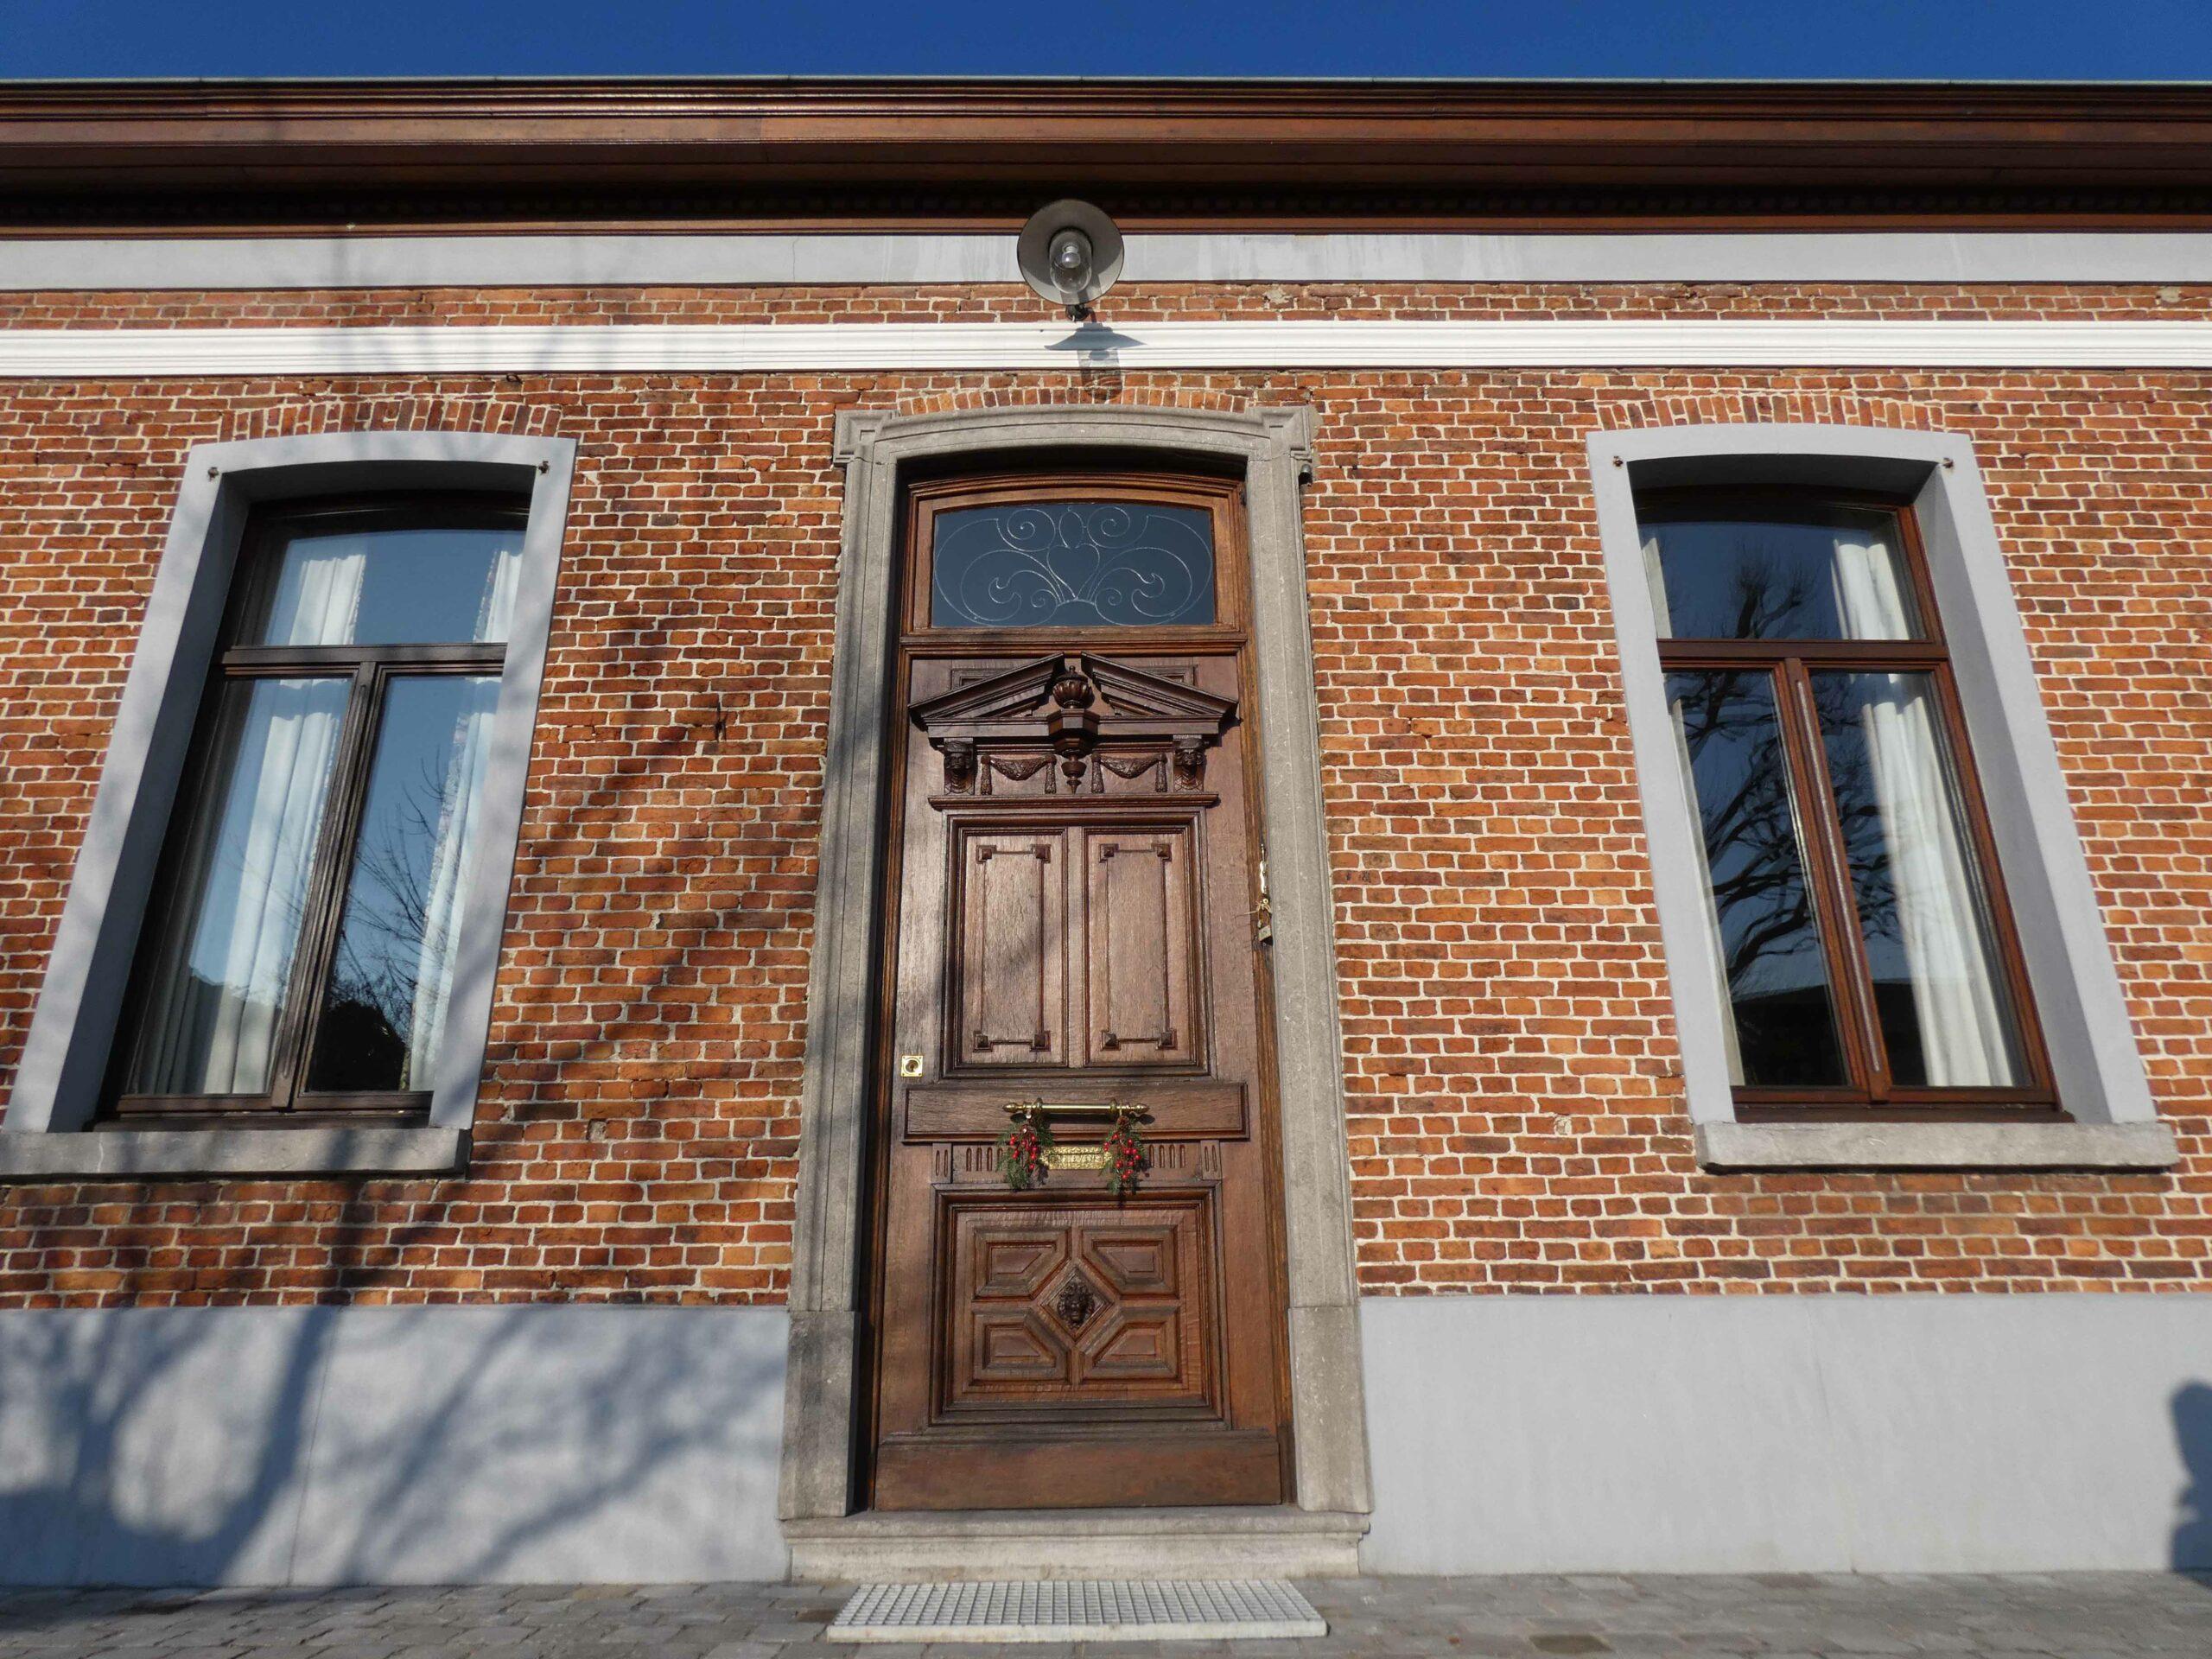 De voordeur met sierelementen.